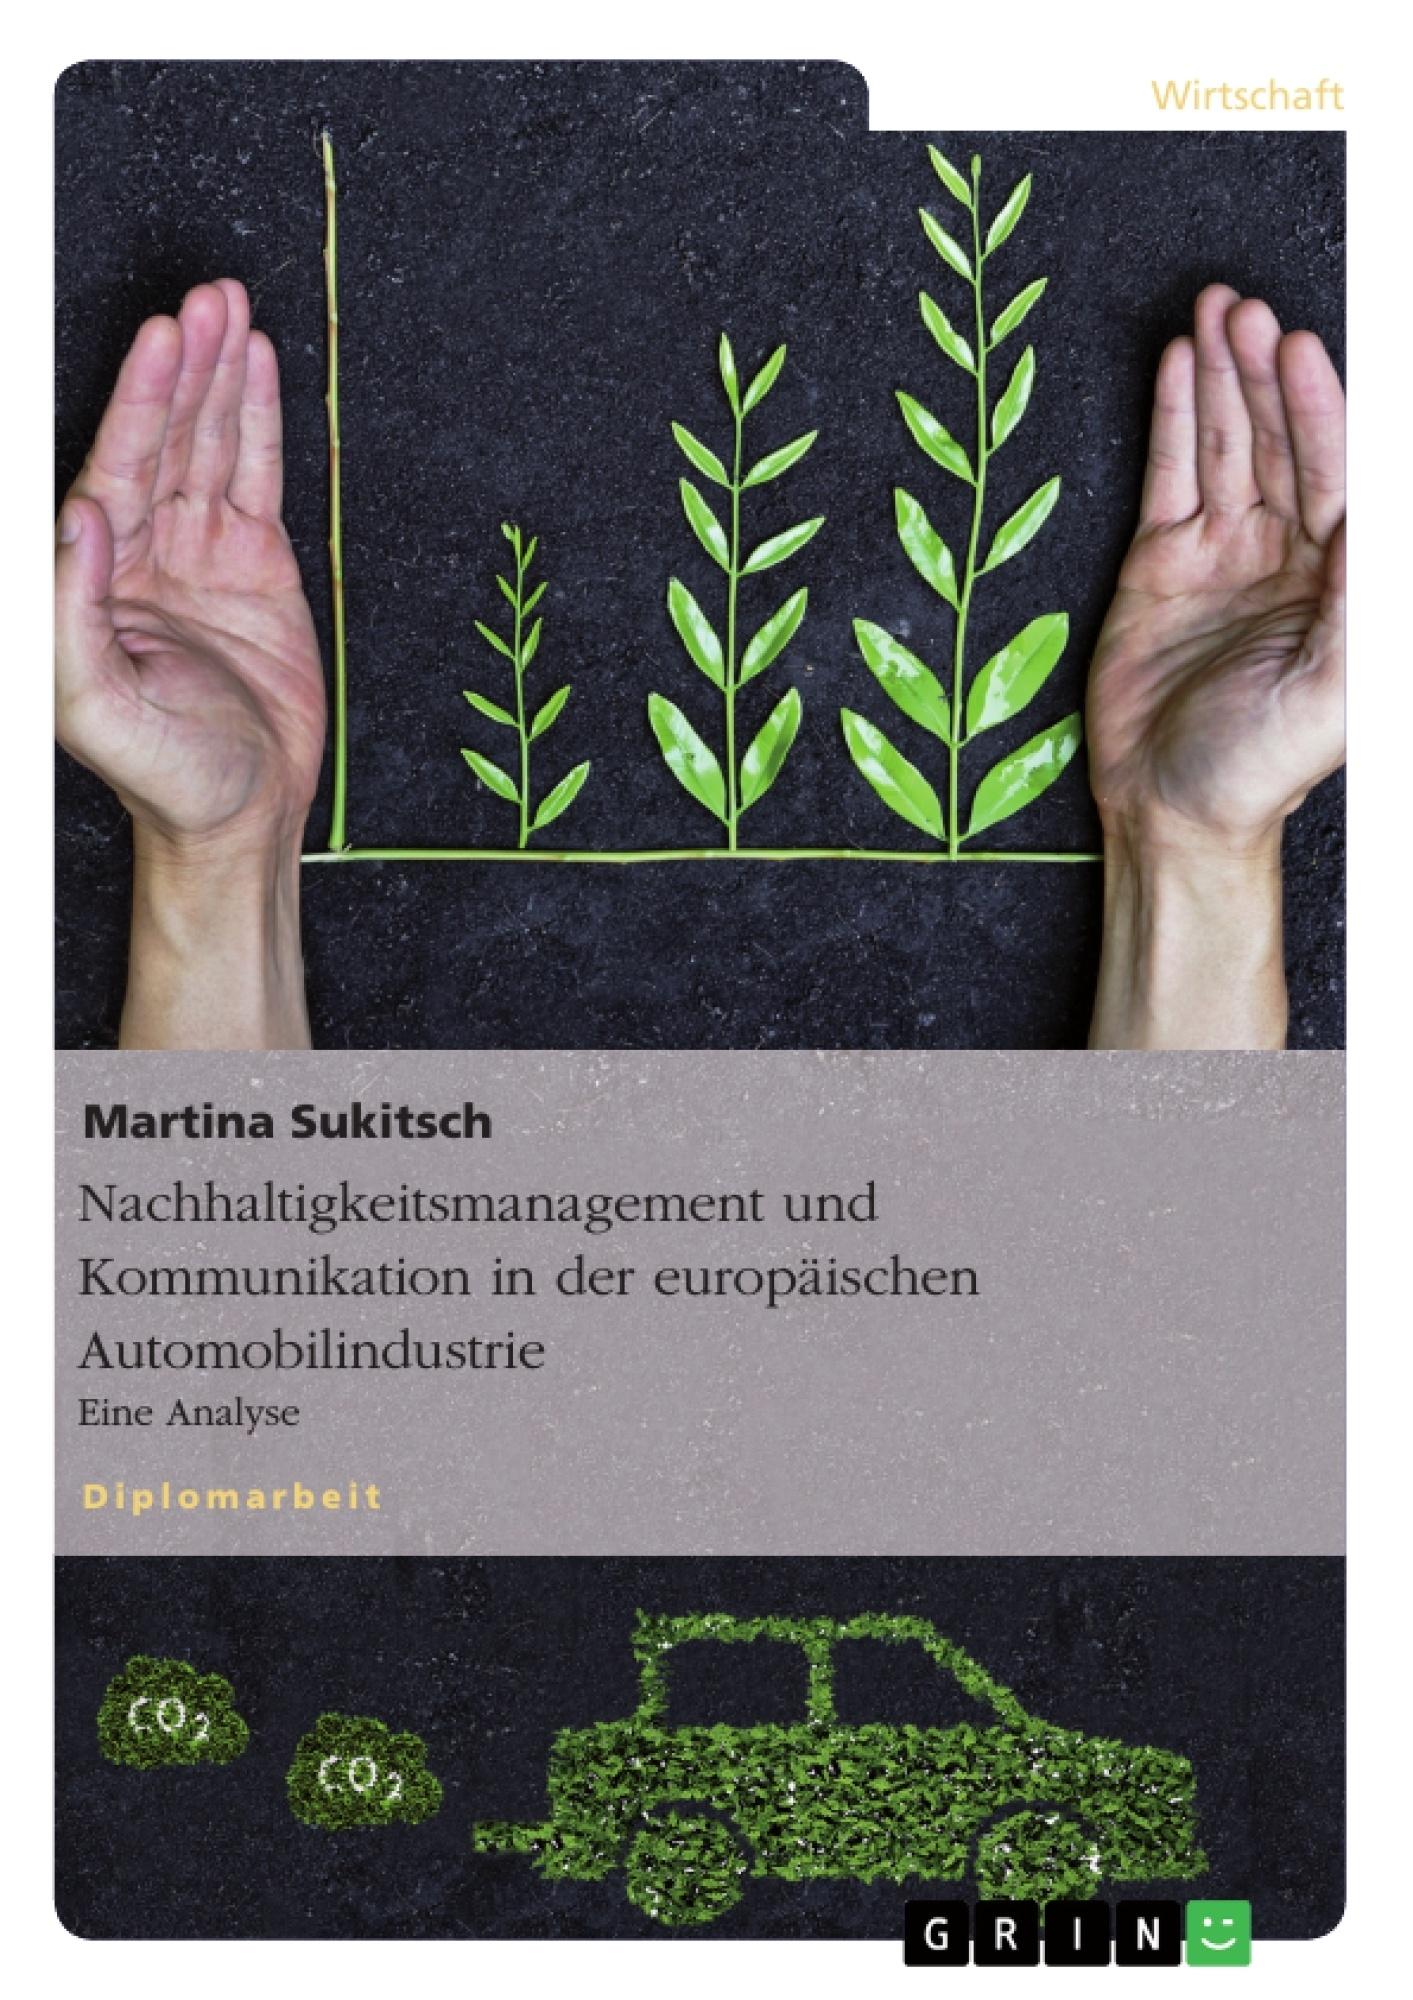 Titel: Nachhaltigkeitsmanagement und Kommunikation in der europäischen Automobilindustrie